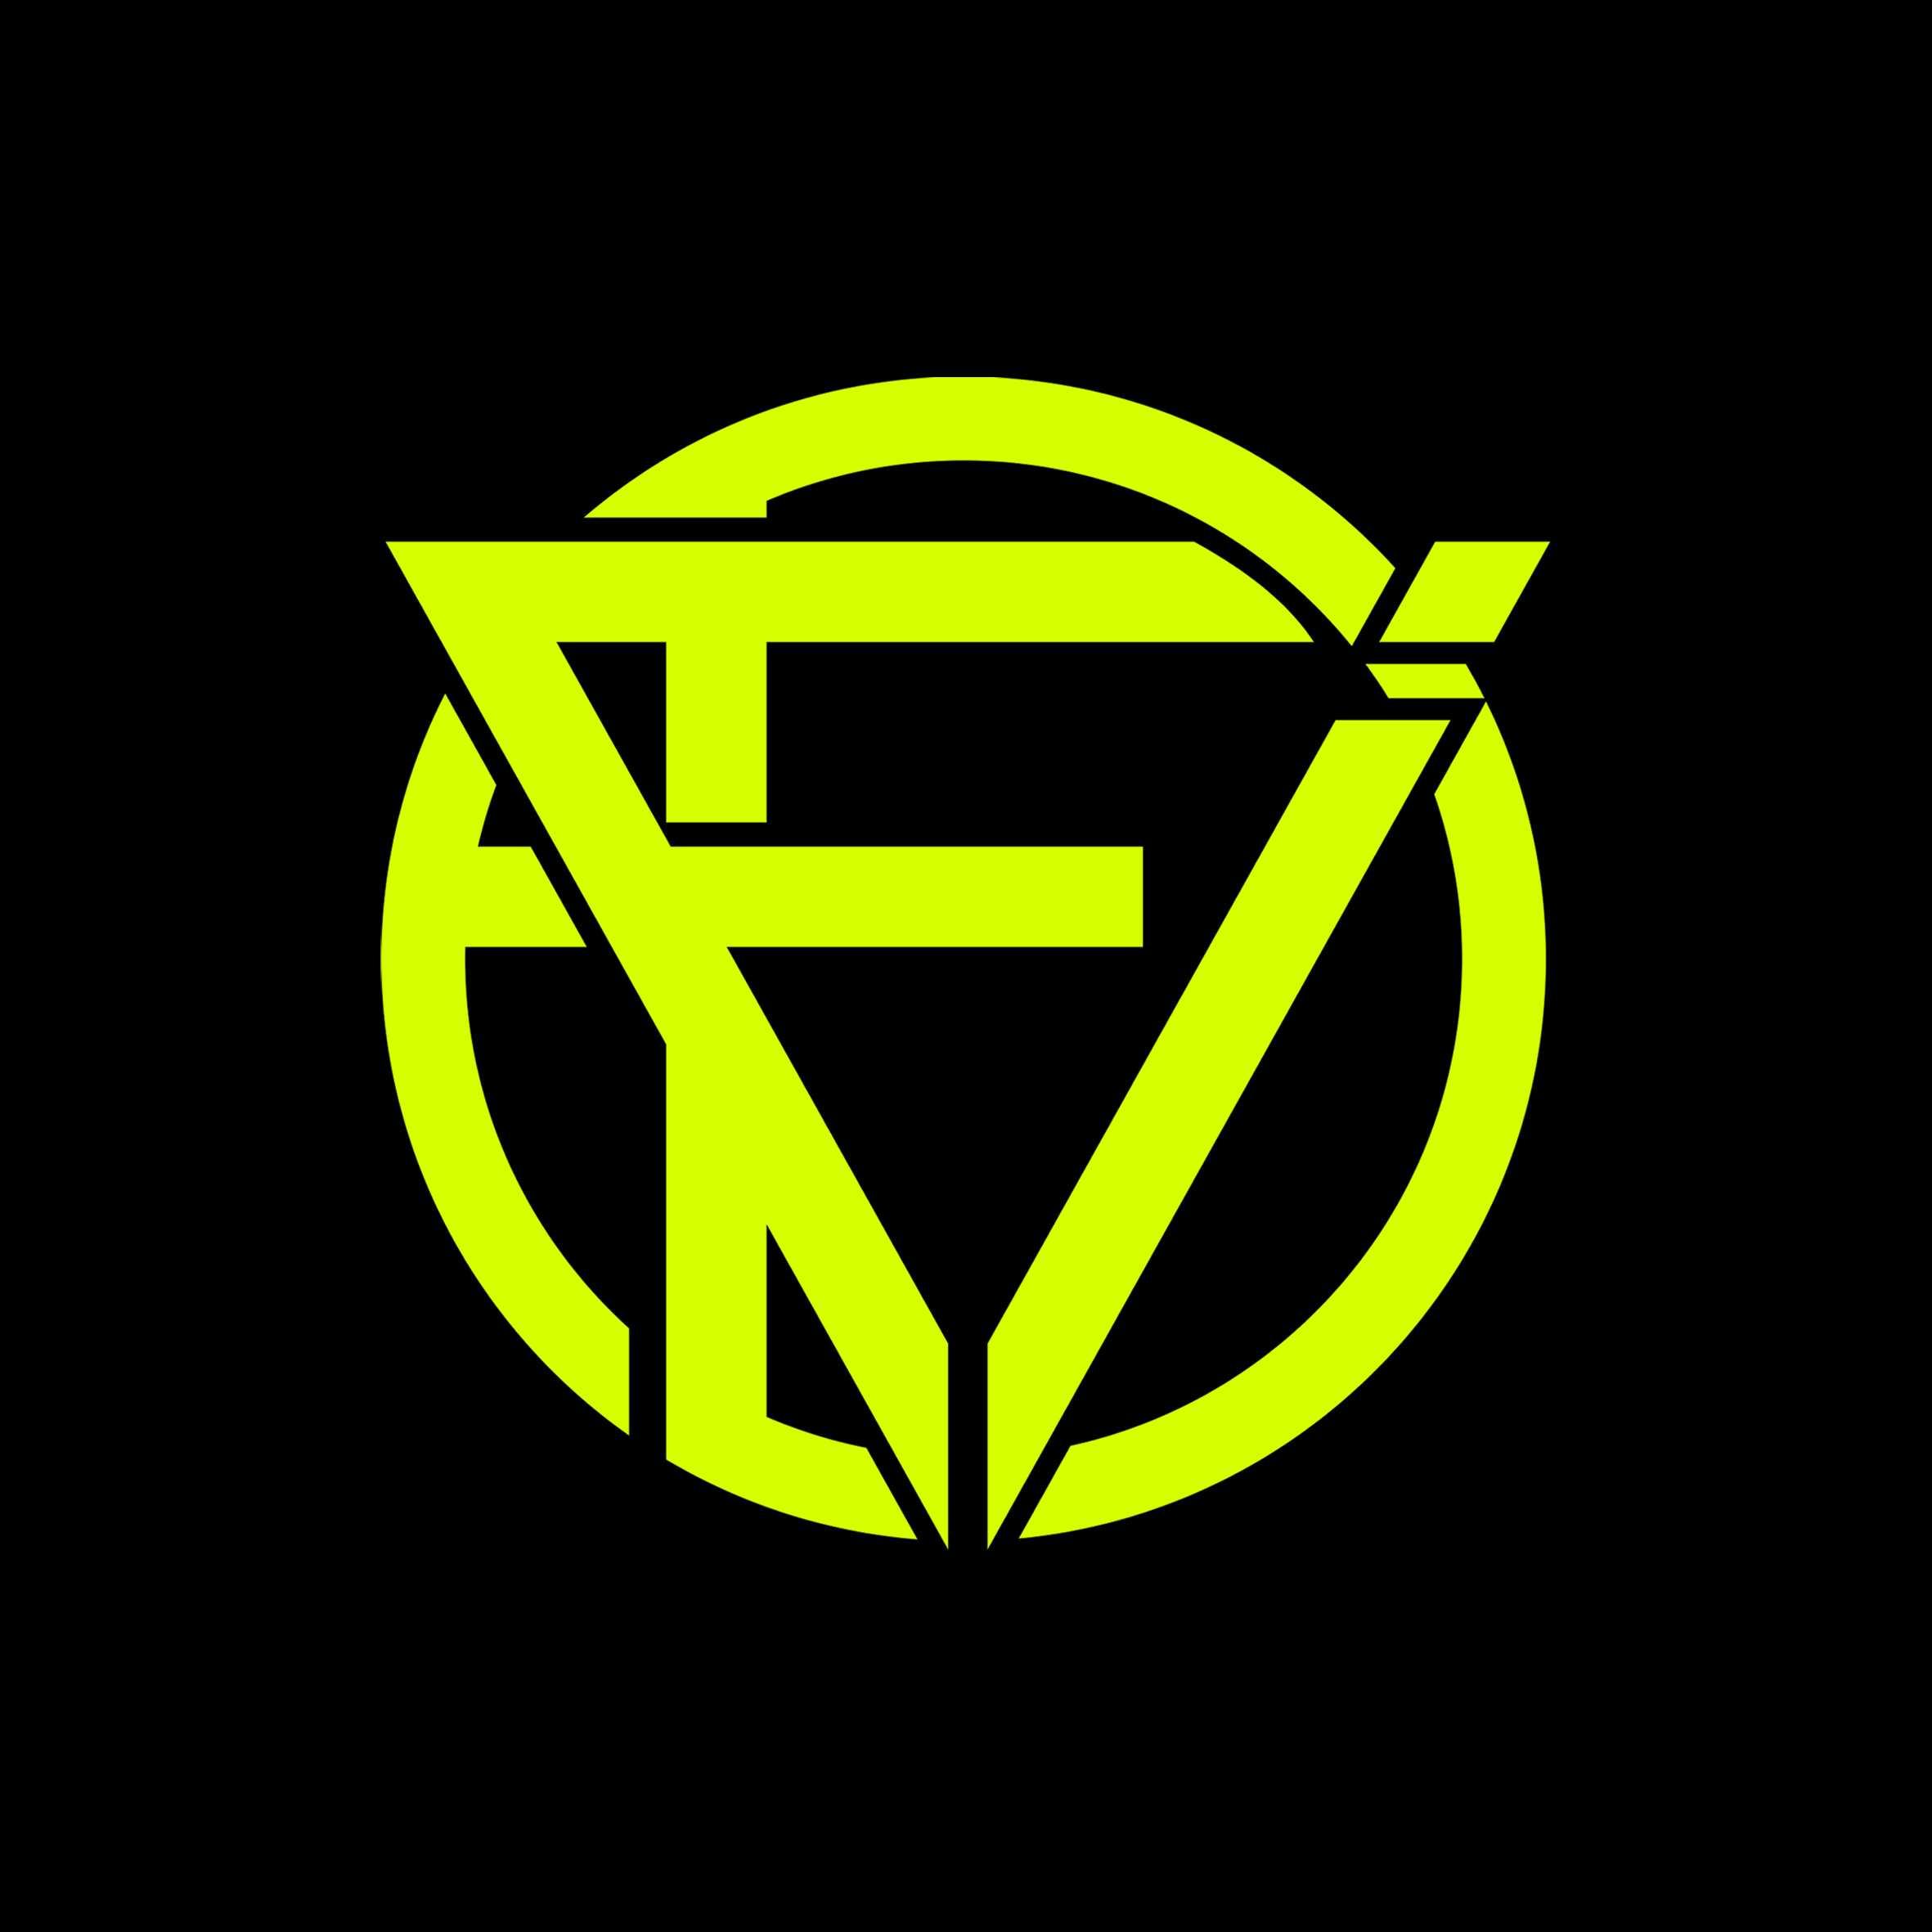 DefianceGG's logo